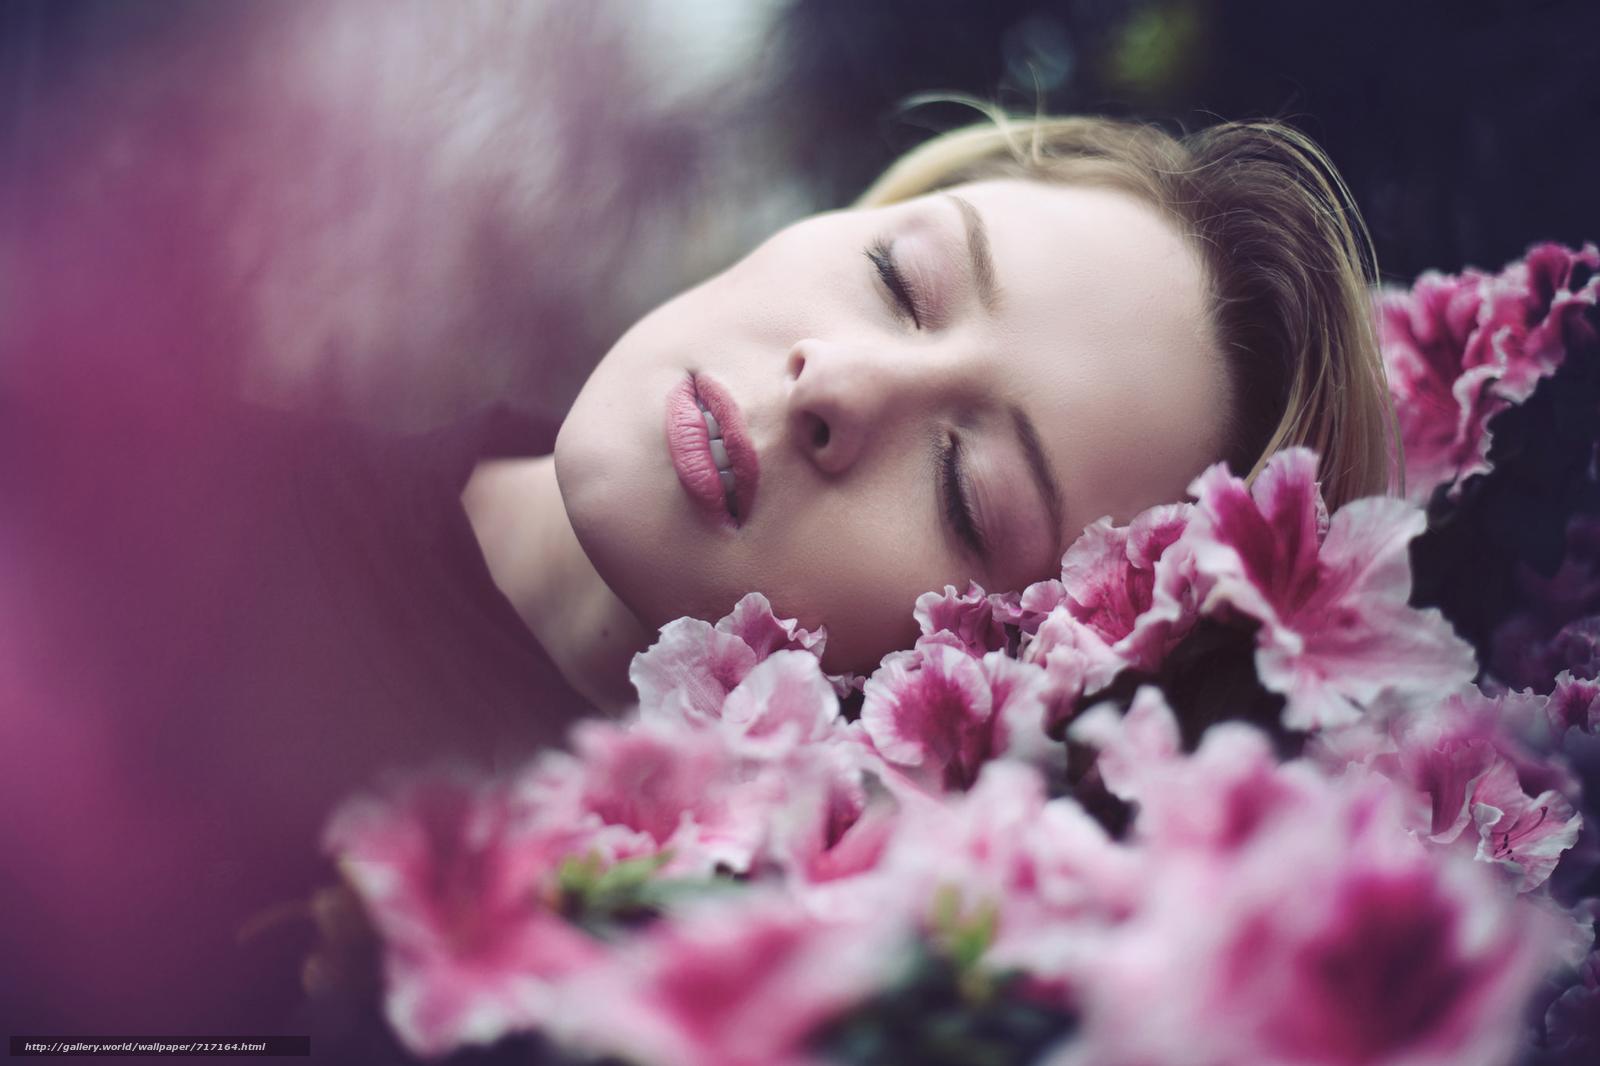 Принимать во сне цветы в подарок- это очень хороший сон.